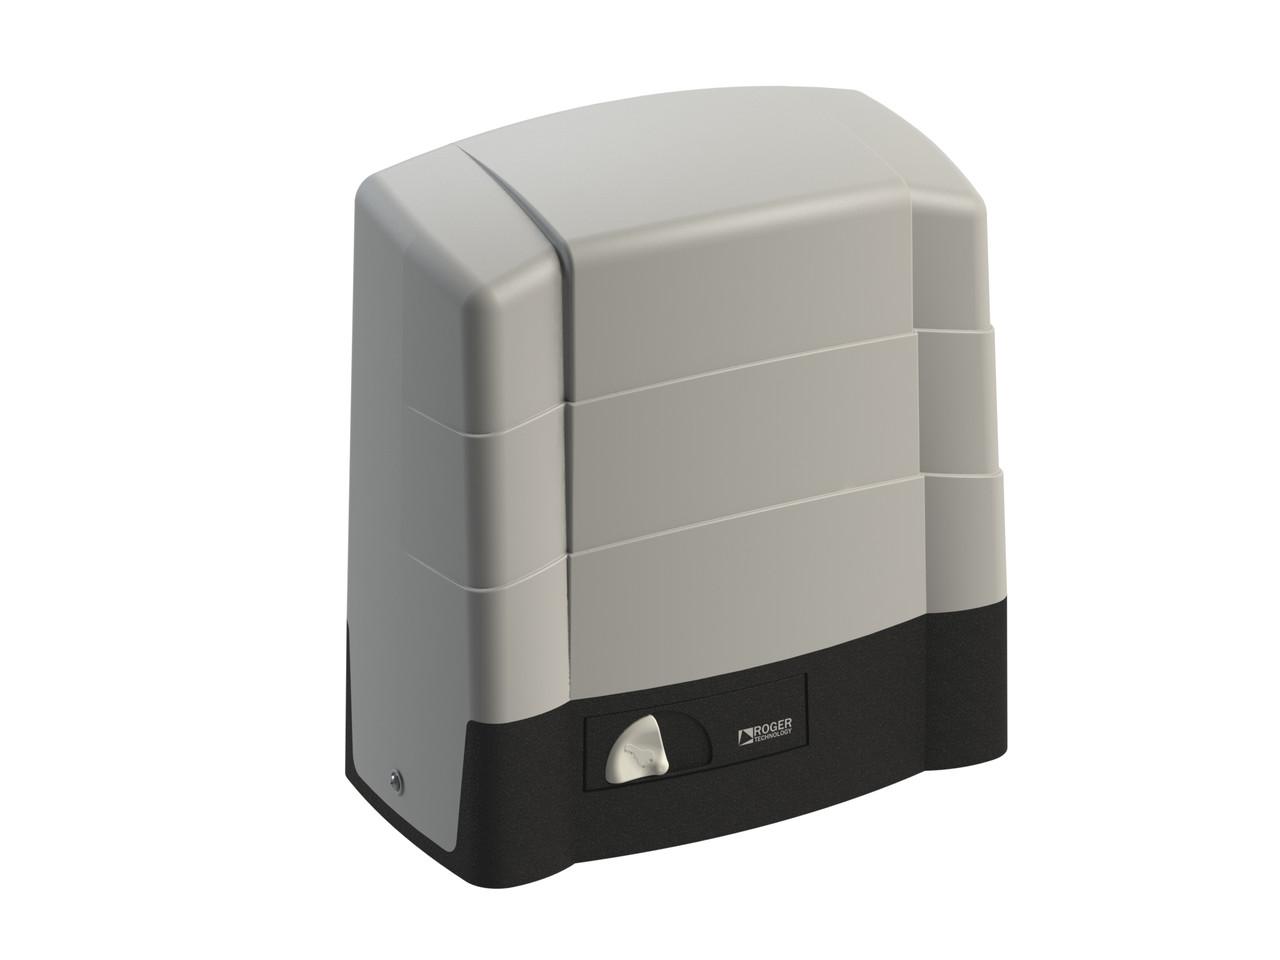 Електромеханічний привід Roger Technology G30/1804 з самогальмуючими редукторами для відкатних воріт вагою до